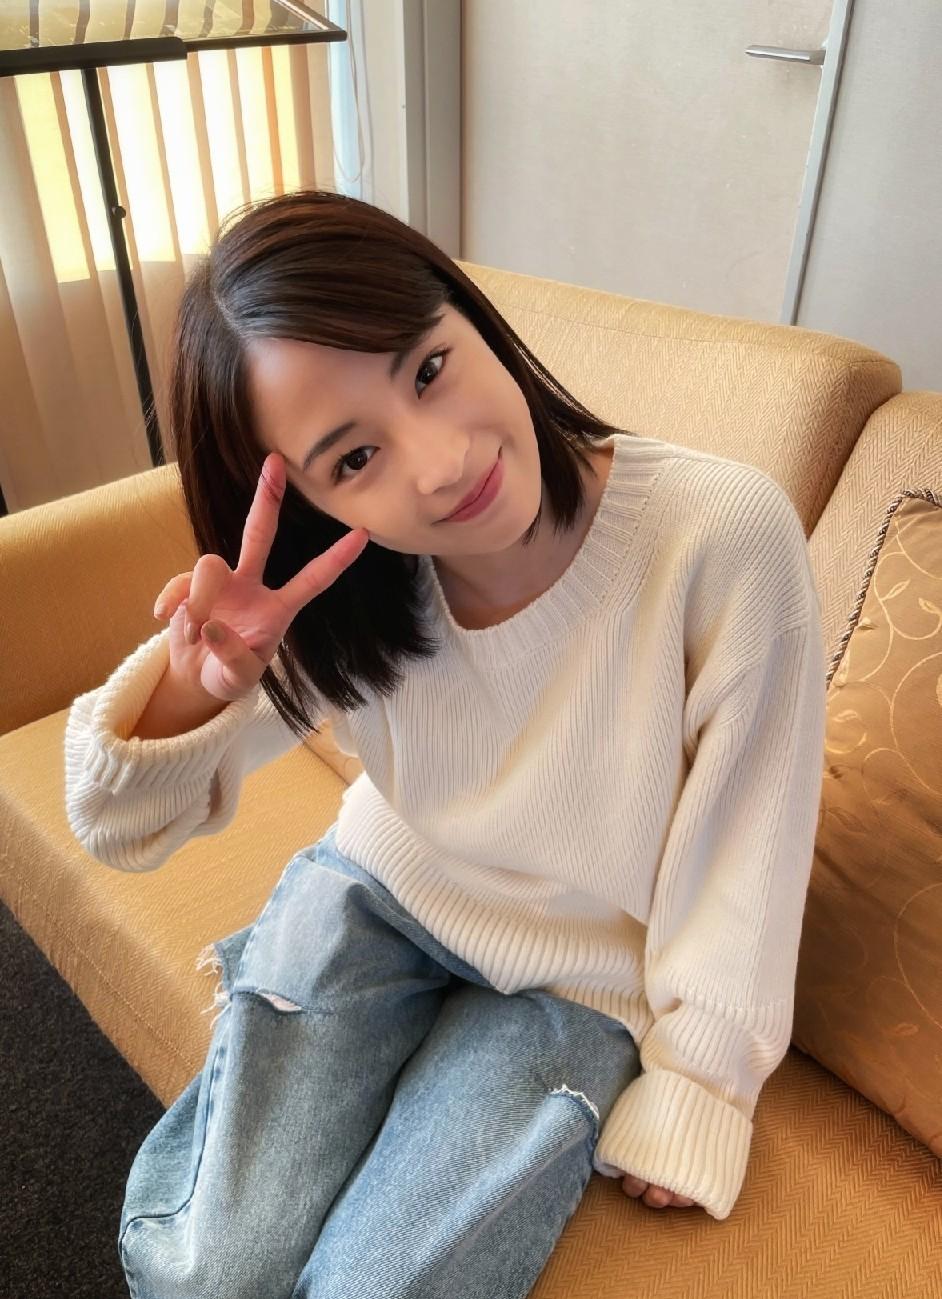 広瀬すず姫との素敵な1日♪_d0339889_18345934.jpg